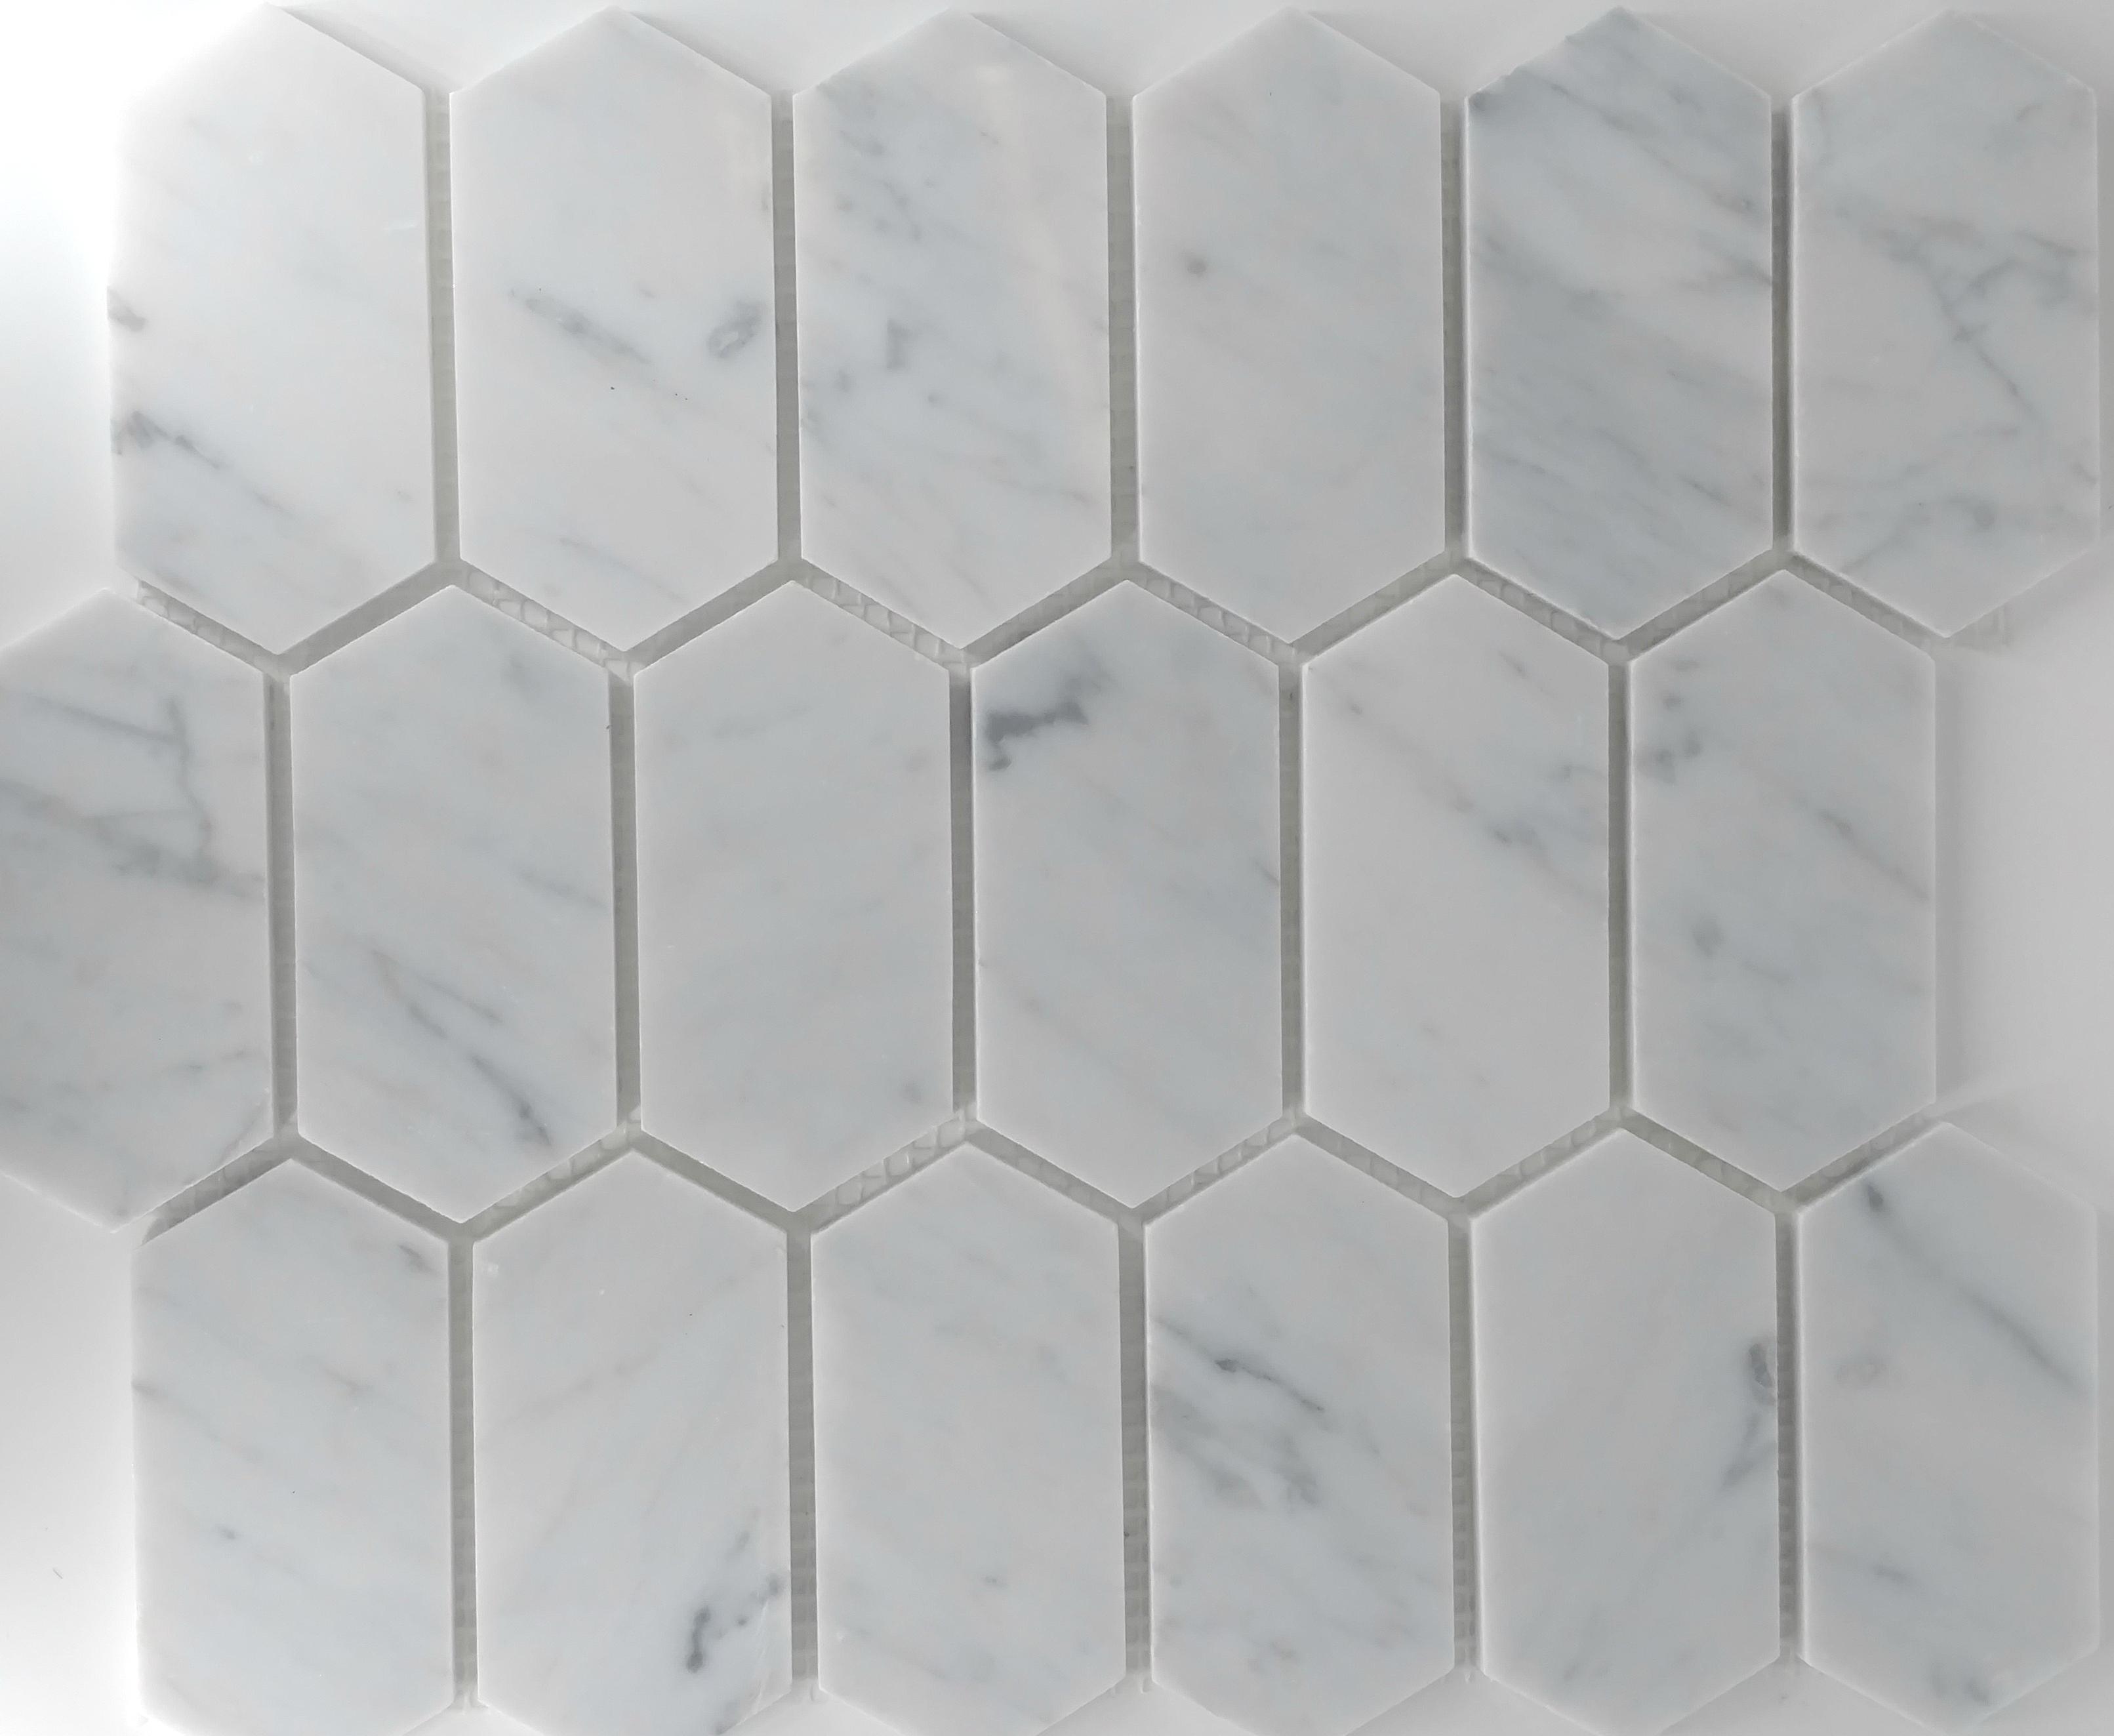 Elongated hex carrara bella casa tile collection for Bella casa tiles